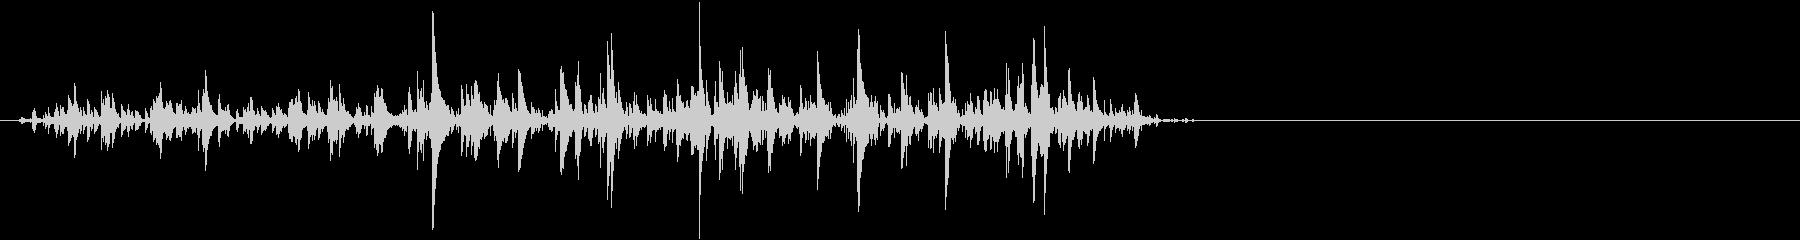 シャラララーン…涼しげな鈴の音の未再生の波形